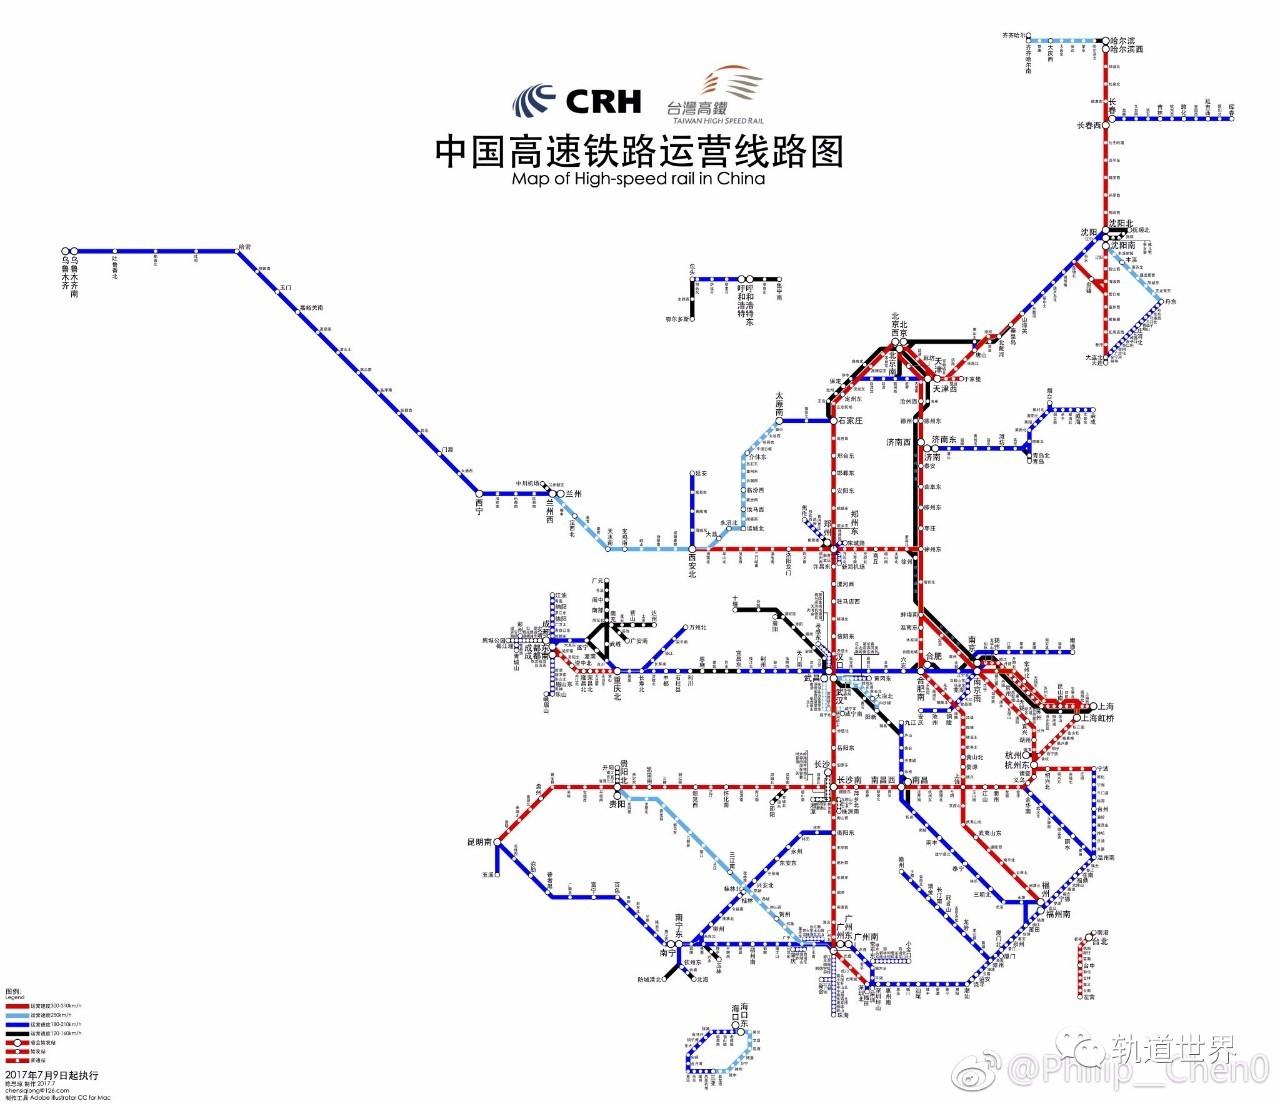 中国高速铁路运营线路图(高清)2017年7月最新版